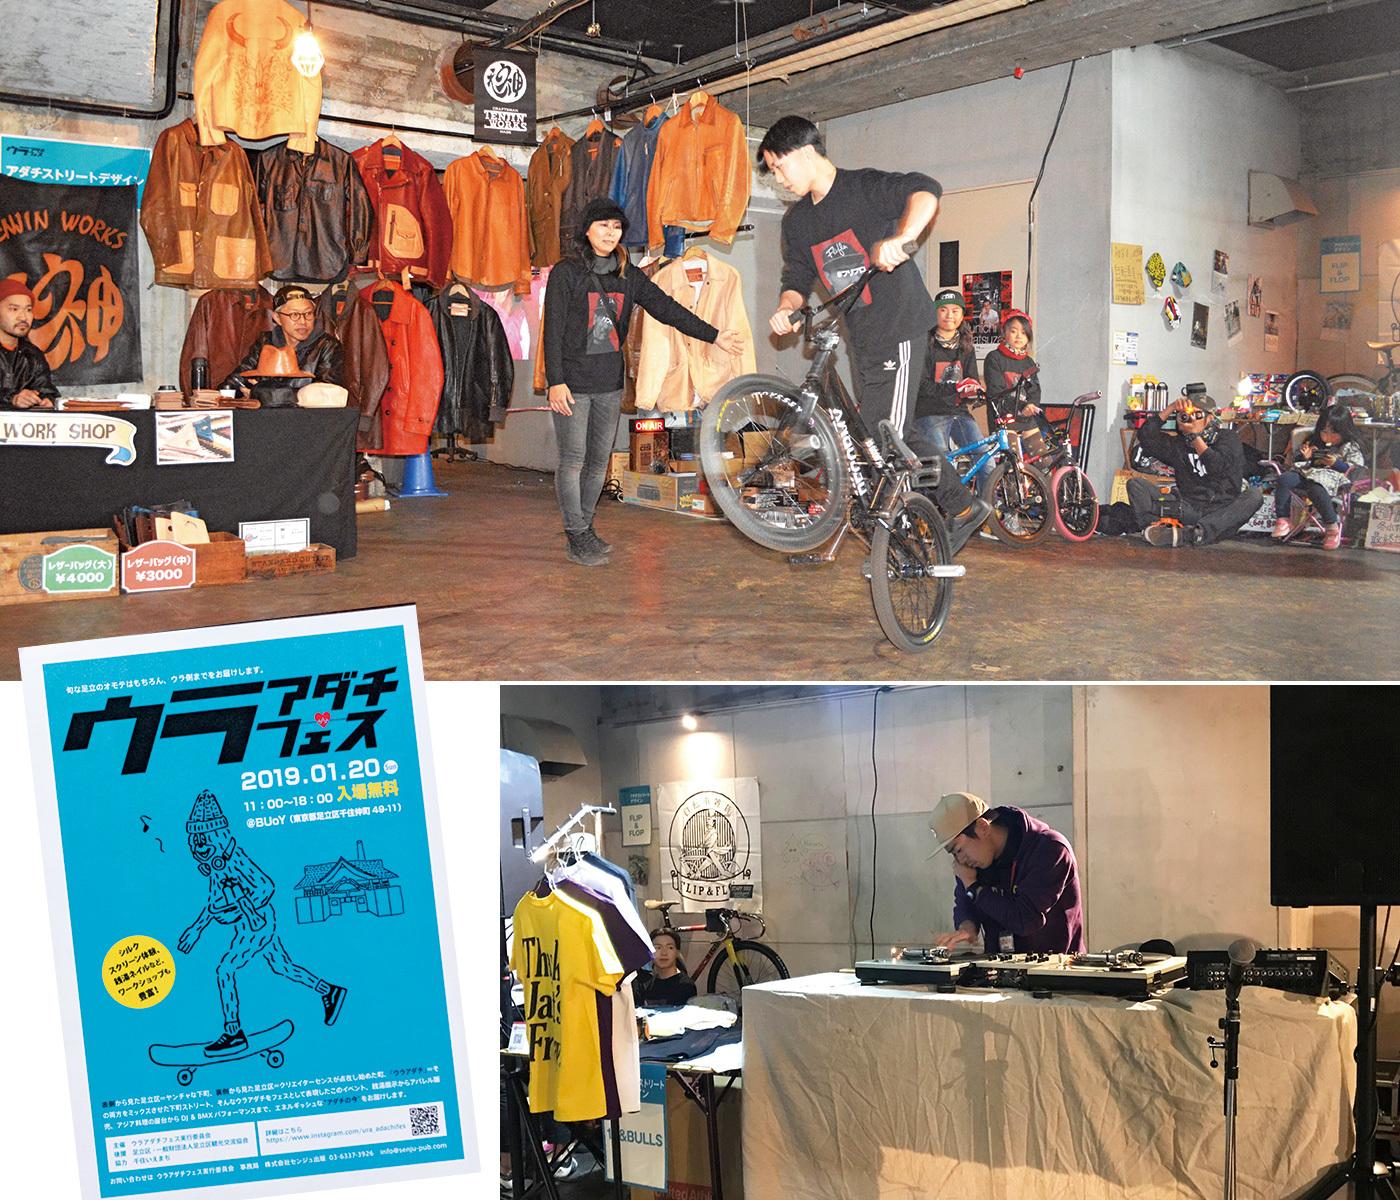 """❽❾❿エネルギッシュな""""アダチの今""""を伝える、というコンセプトで今年1月に開催した「ウラアダチフェス」。『BUoY北千住アートセンター』を会場に、銭湯展示からアパレル販売、DJ & BMXパフォーマンスなどが行われた。❽❾写真提供:センジュ出版"""